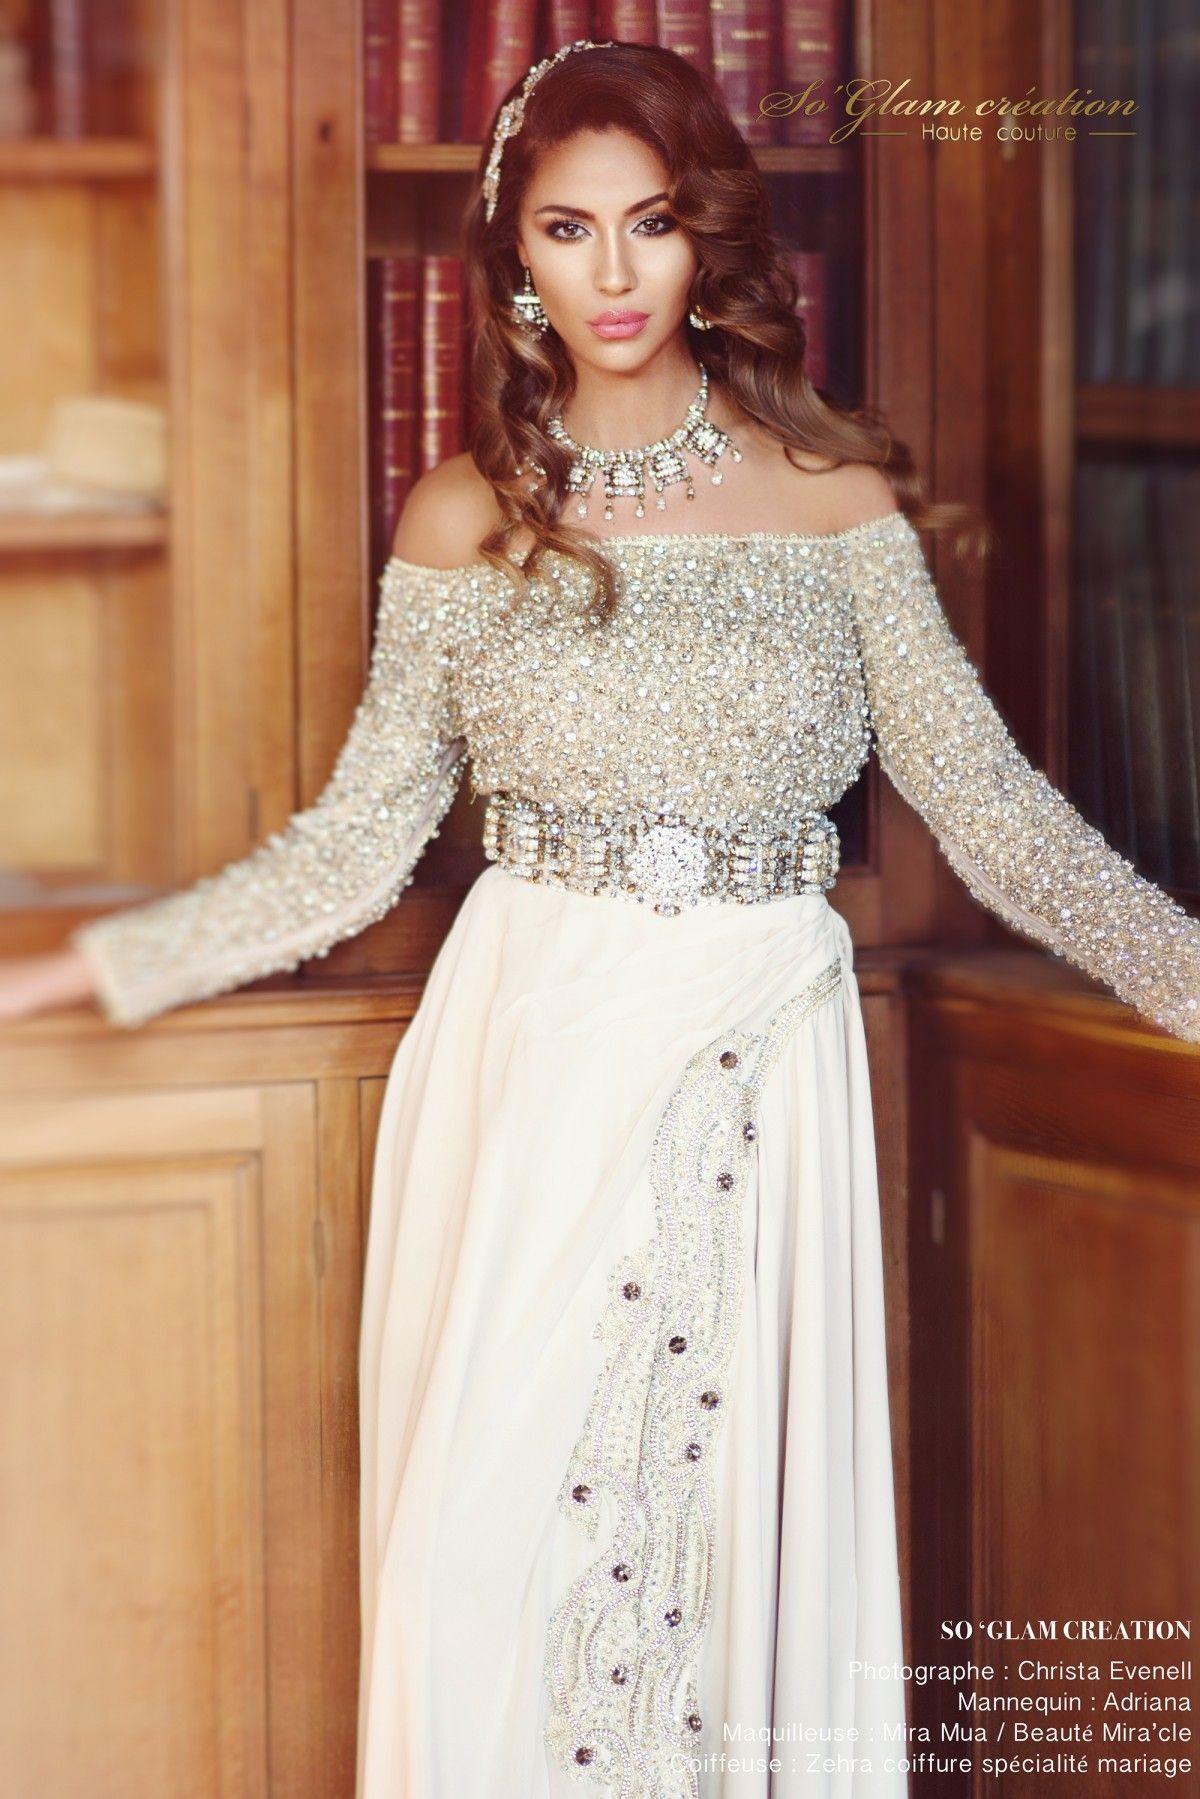 Connu Caftans Mariées en location   So Glam Création Haute couture  YR43